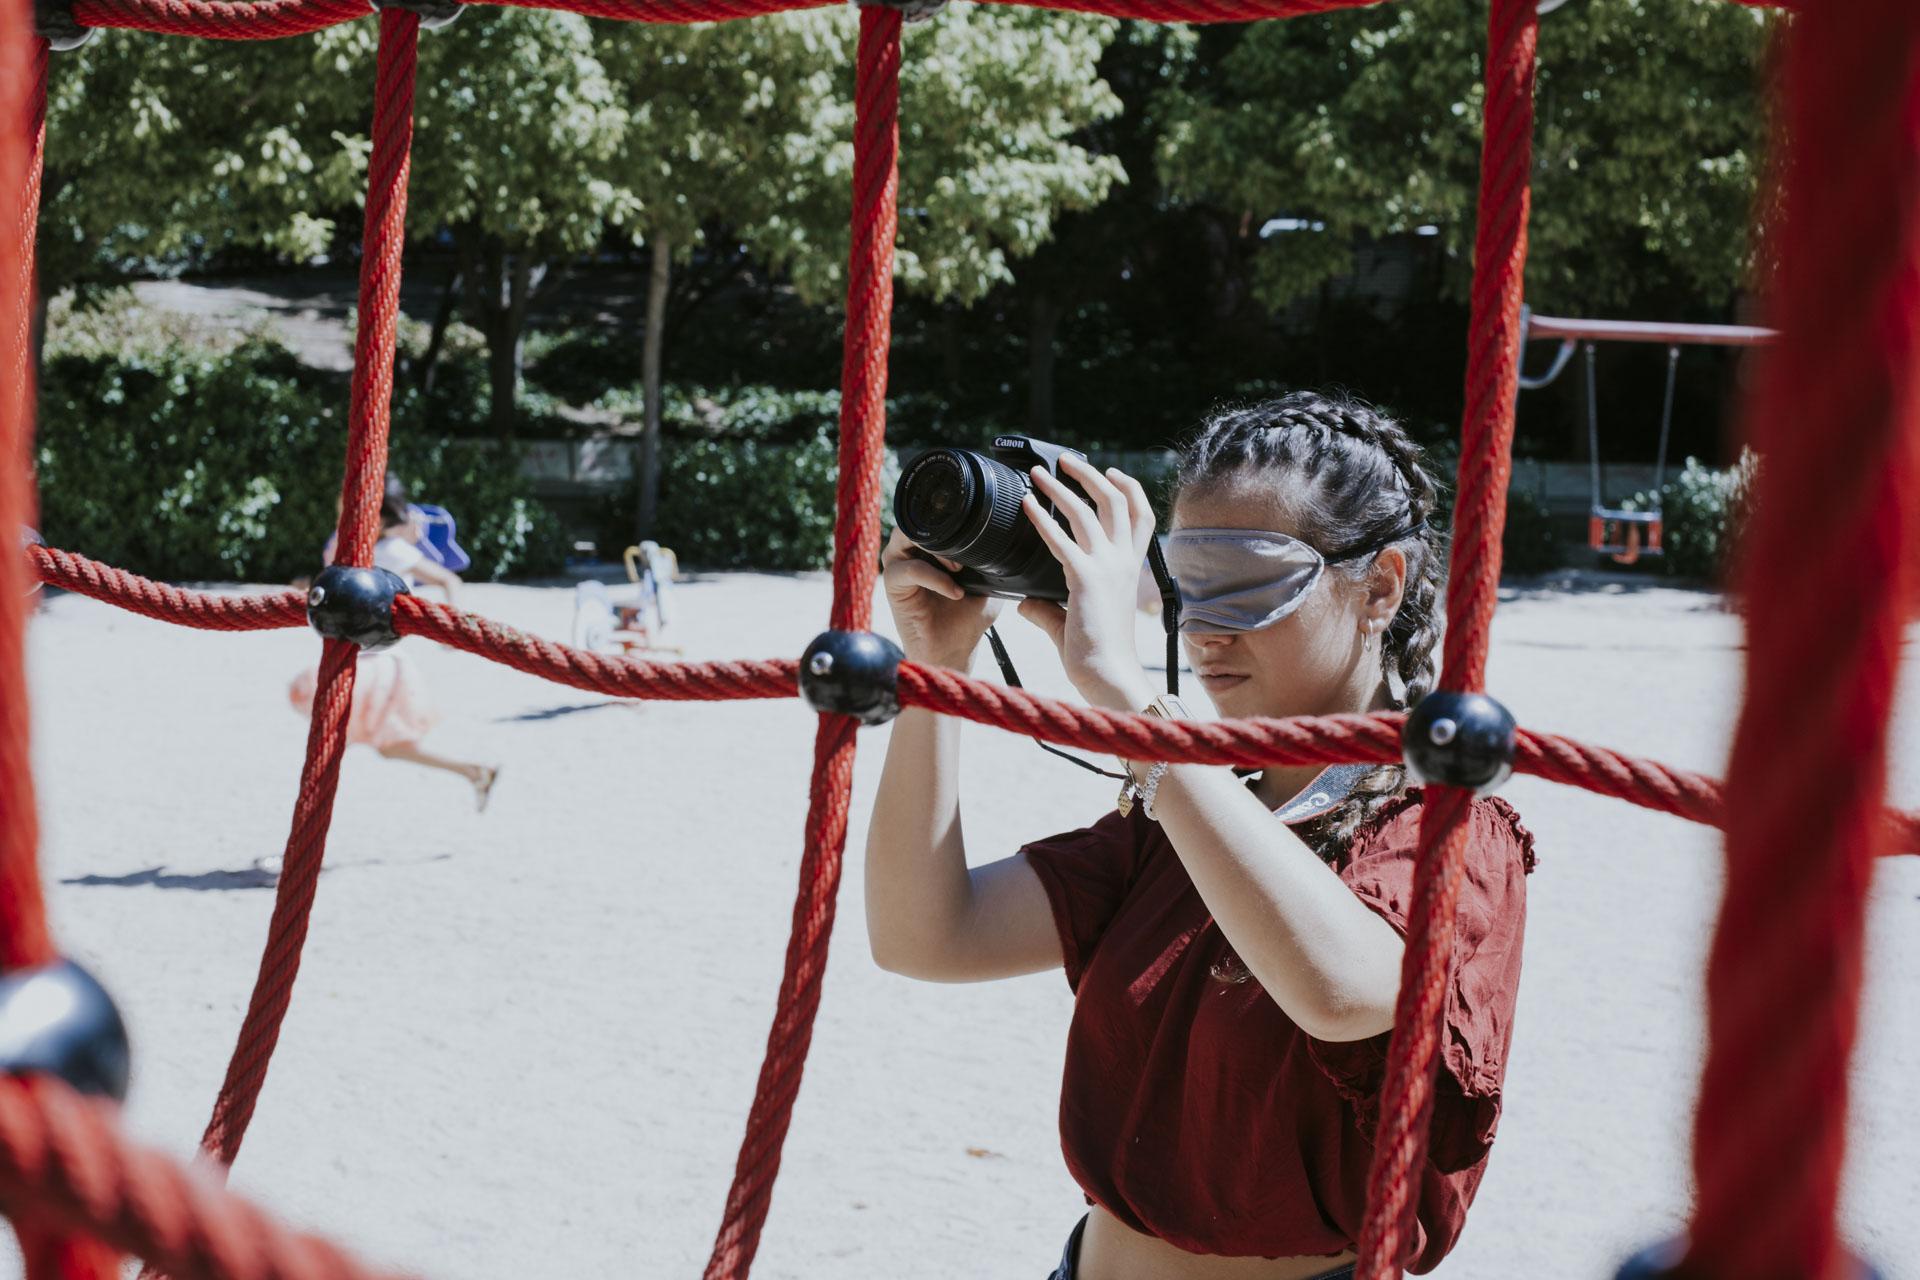 lens kids fotografía adolescente